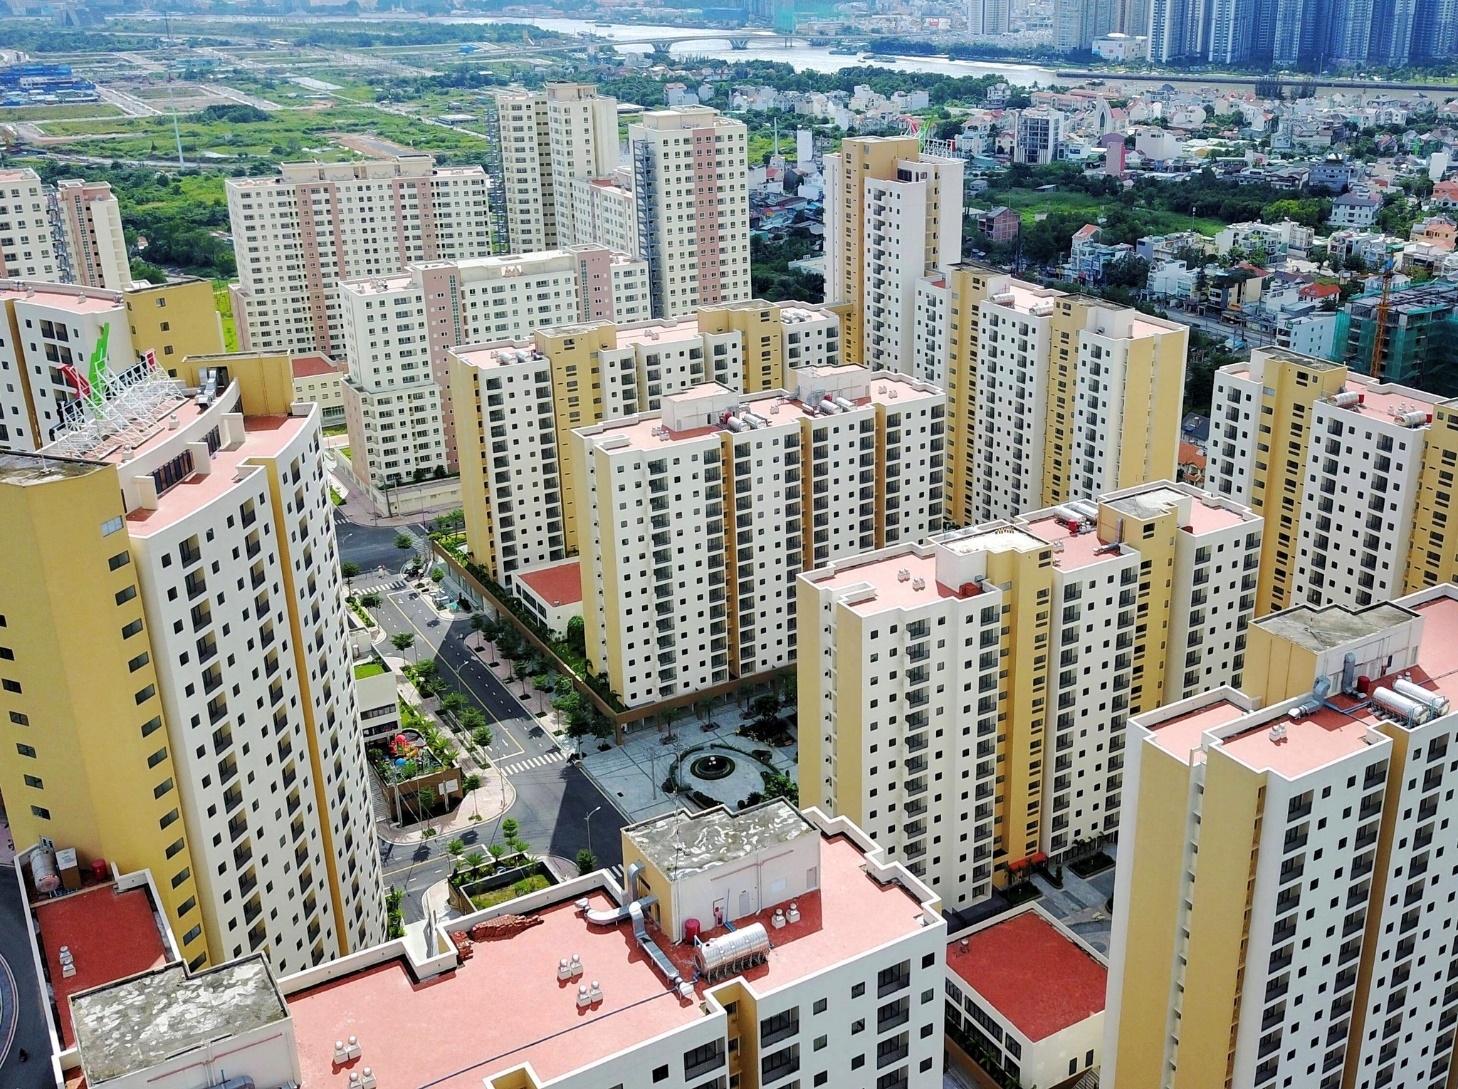 HoREA đề nghị doanh nghiệp tham gia đấu giá 3.790 căn hộ liền kề Khu đô thị mới Thủ Thiêm